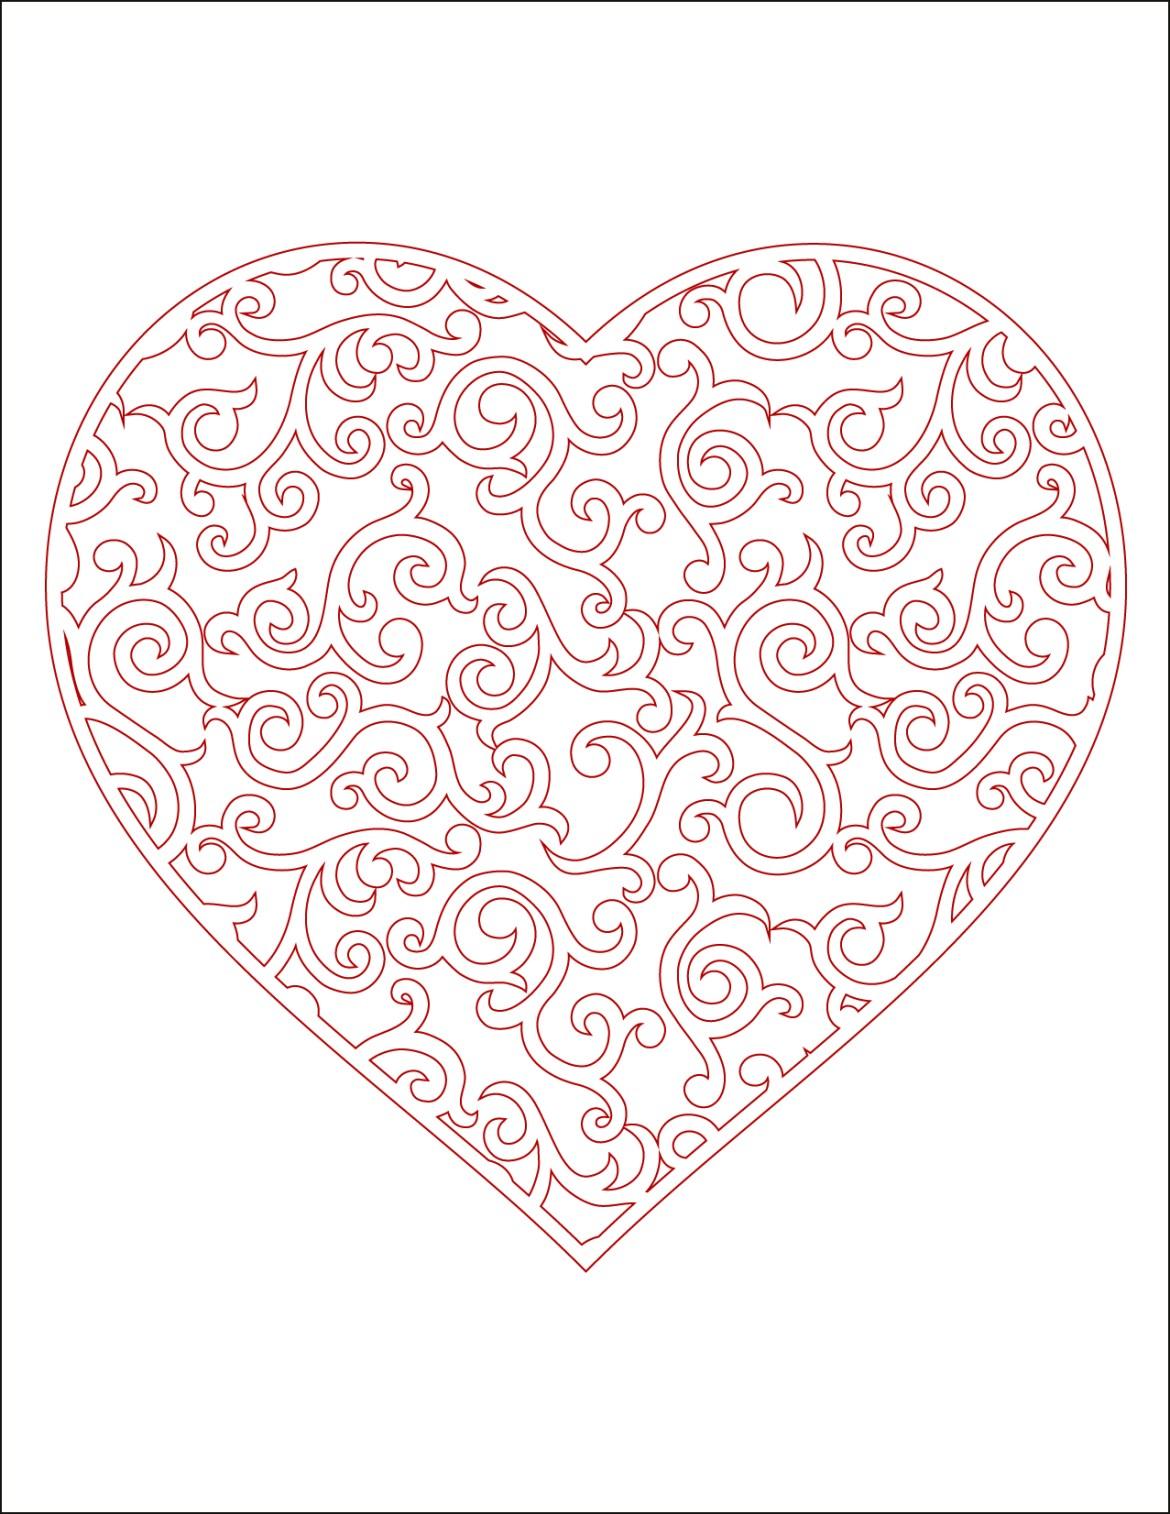 Coloriage De Coeur En Couleur.Coeur A Imprimer En Couleur Carte St Valentin Artherapie Ca